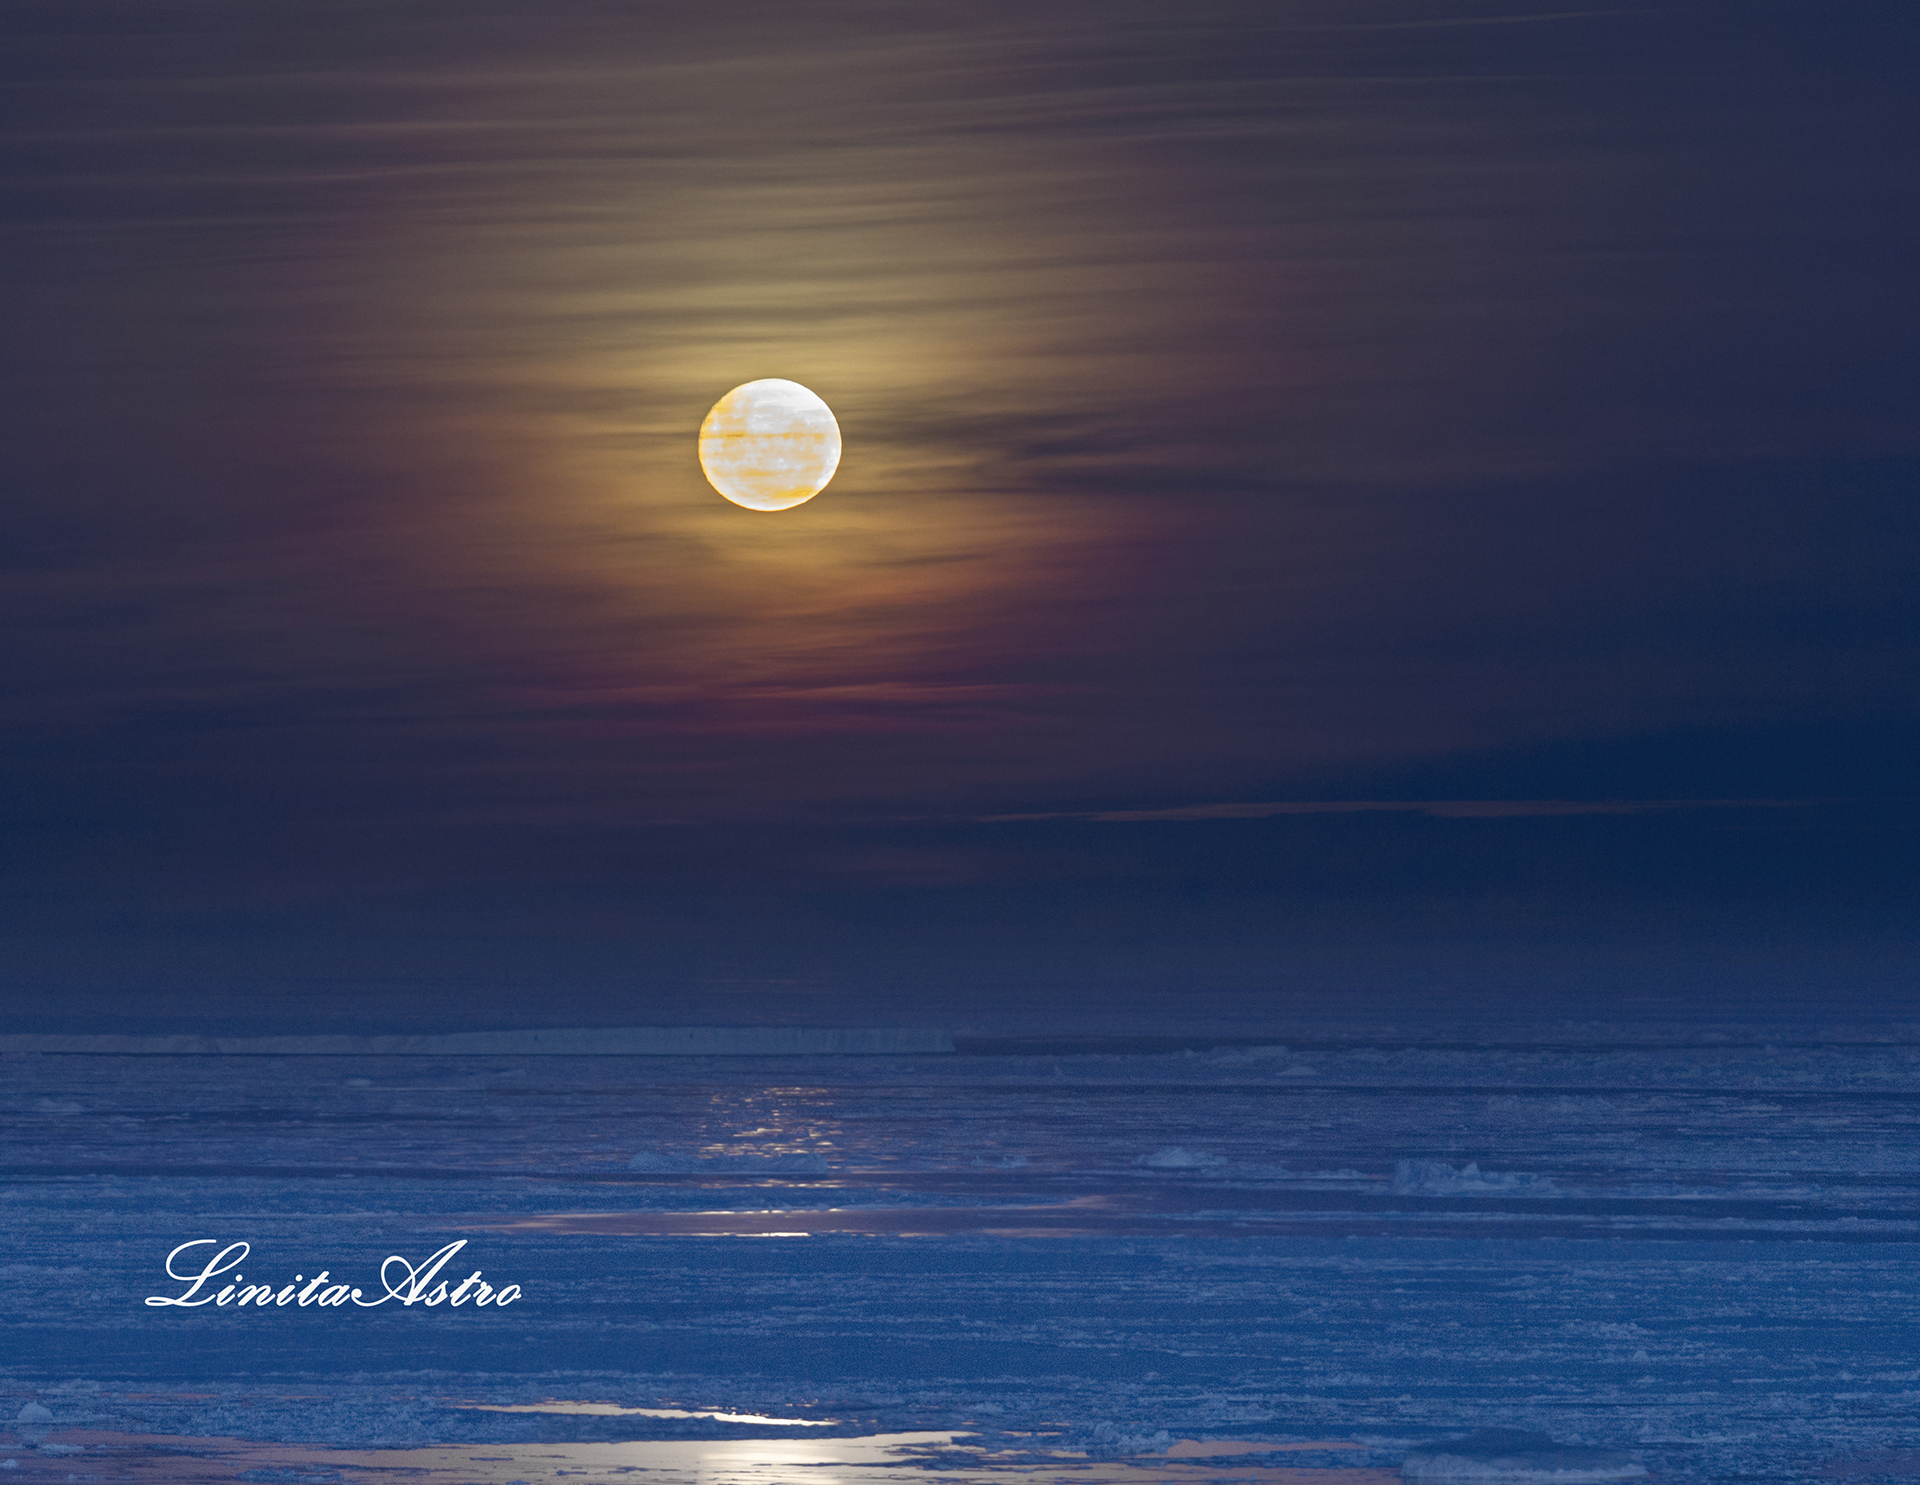 """""""Full moon"""": """"El cielo se pintó entre la luna y las nubes. La luna llena, en composición con las nubes medias y altas, lograron ese color espectacular"""". Abajo, los témpanos del mar de Weddell."""